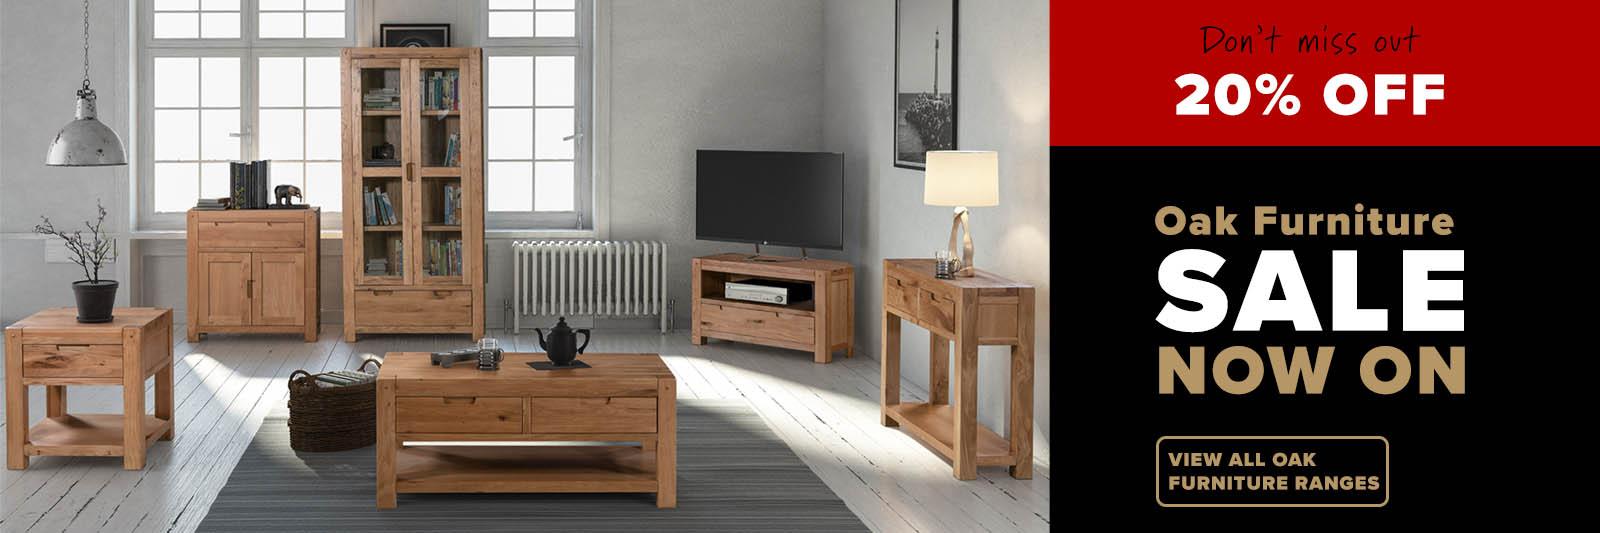 Oak furniture sale